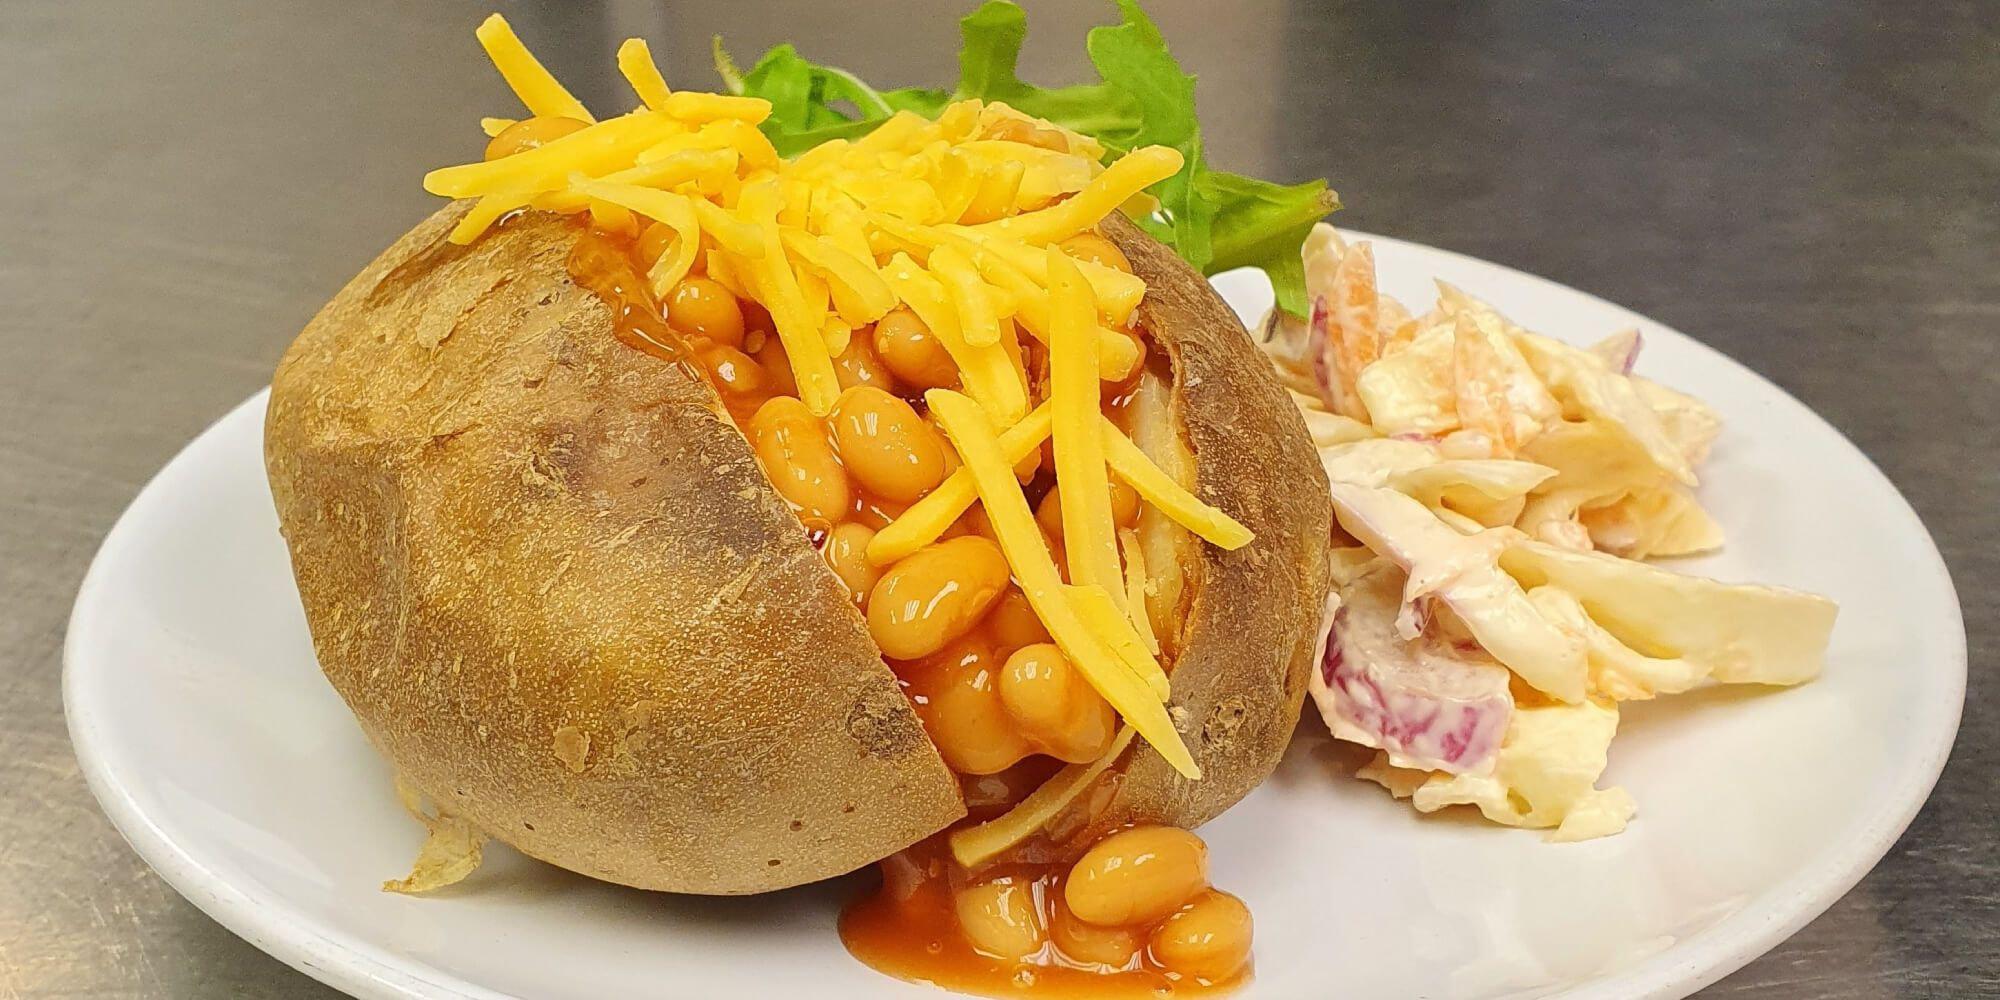 Jacket potatoes at Nosh